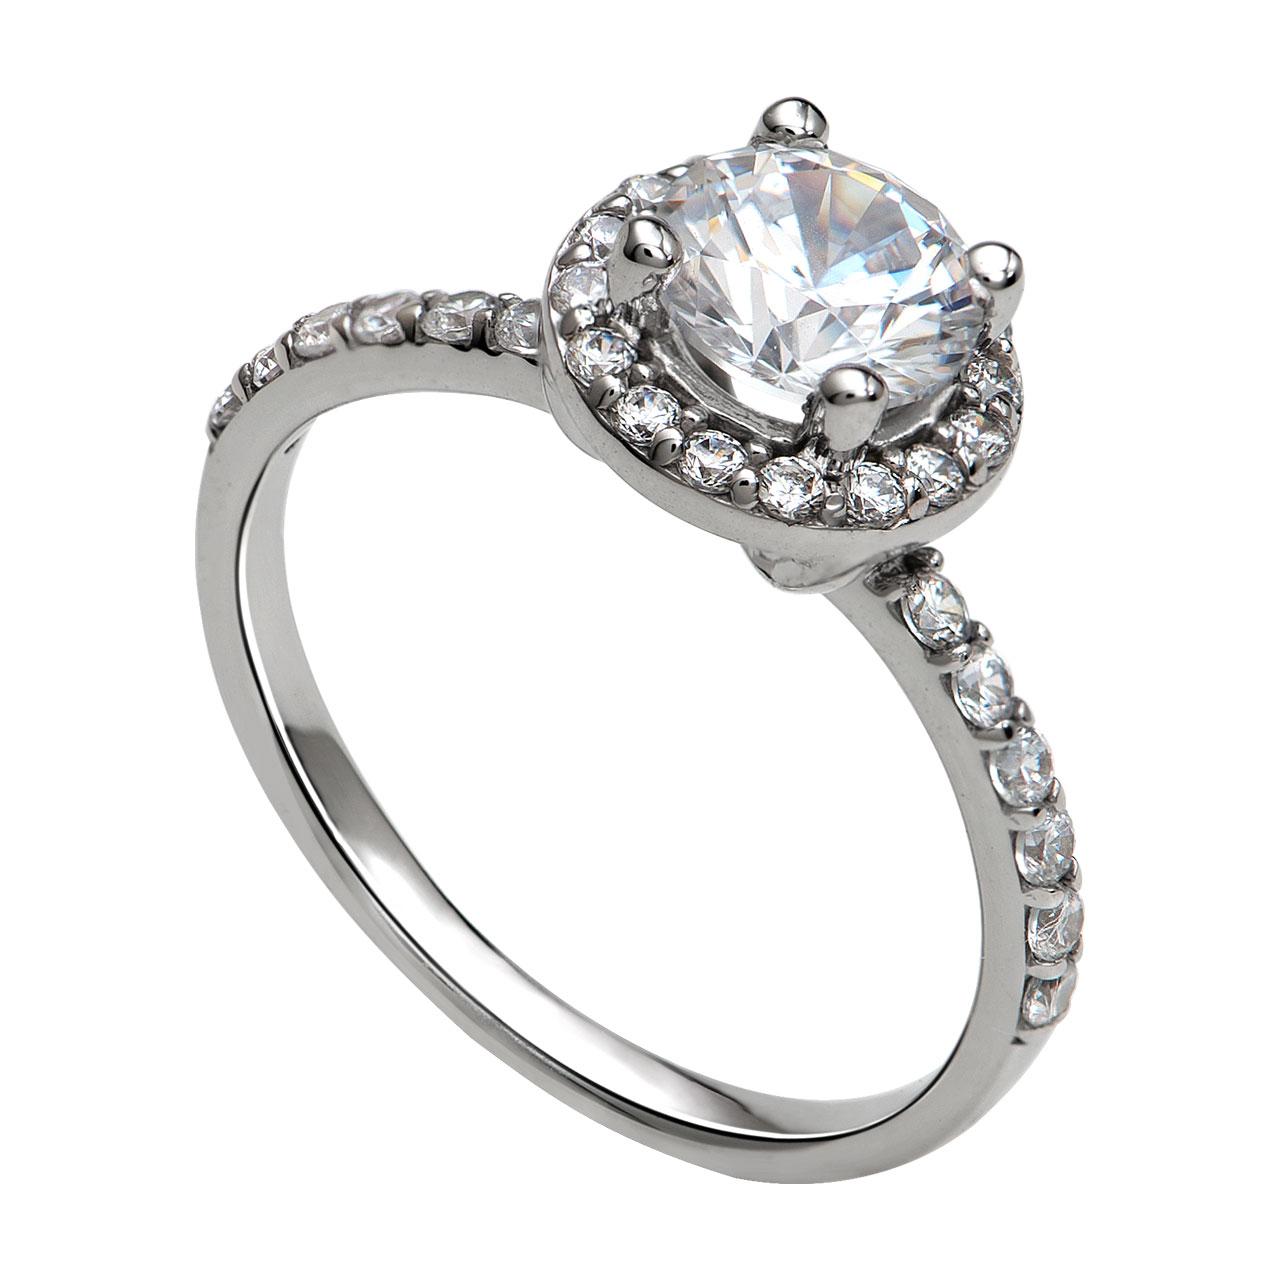 Nhẫn bạc PNJSilver đính đá 11097.100 - 3819480 , SND2KN11097_100 , 274_SND2KN11097_100_9 , 571000 , Nhan-bac-PNJSilver-dinh-da-11097.100-274_SND2KN11097_100_9 , pnj.com.vn , Nhẫn bạc PNJSilver đính đá 11097.100